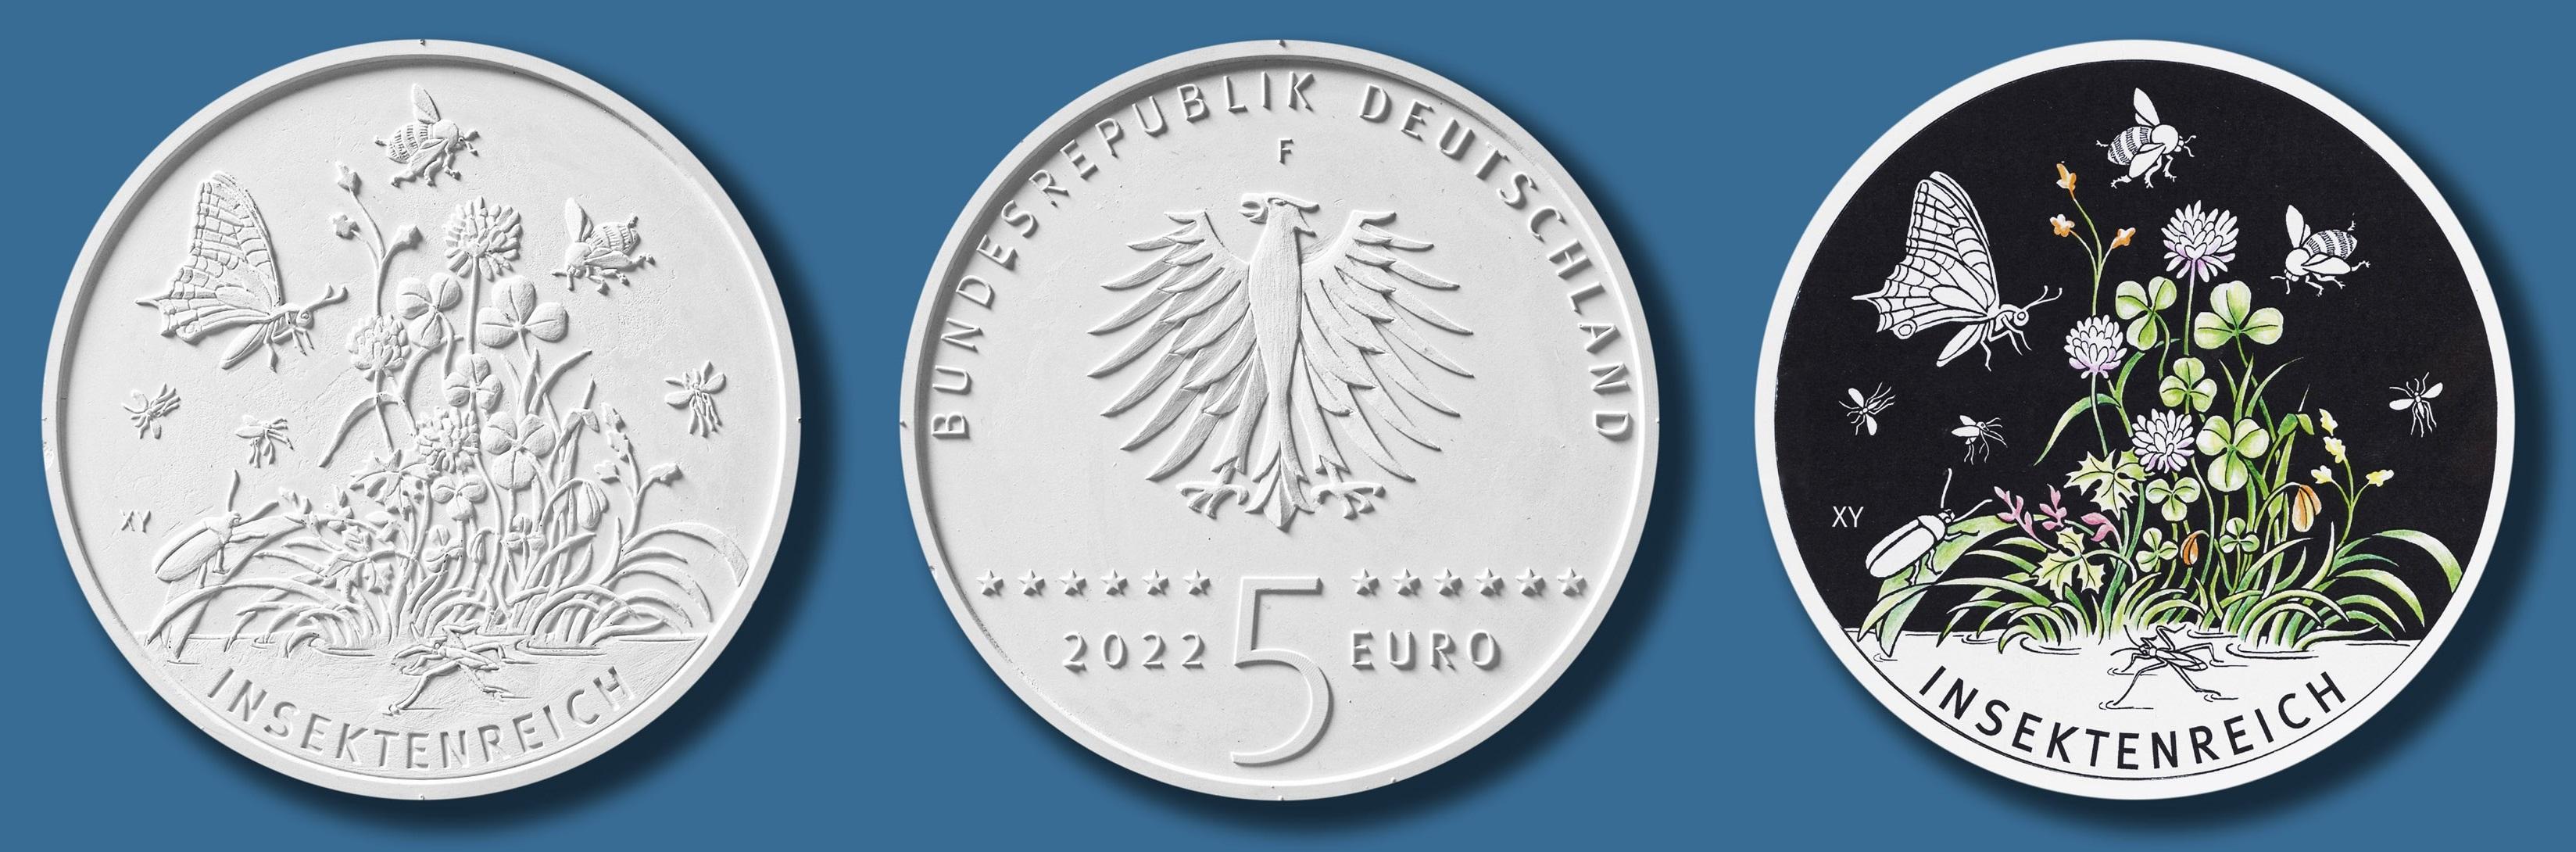 Bundesverwaltungsamt Münzewesen